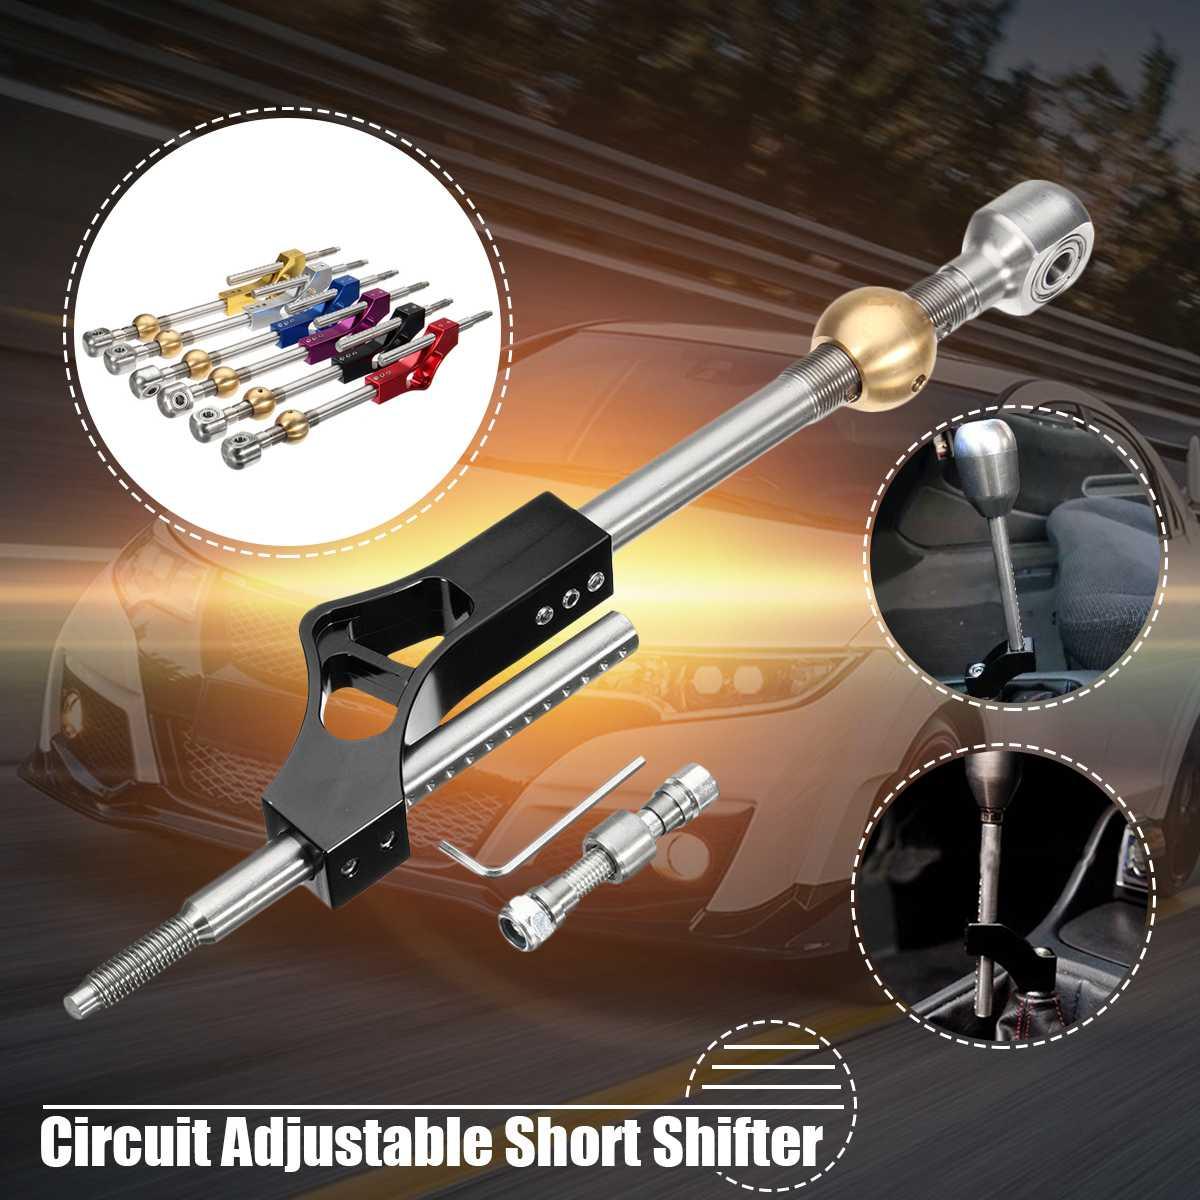 Nouvelle Voiture Extender Pro Circuit Réglable Short Shifter Maj Rod Bar Pour Honda Pour Civic Integra CRX B16 B18 B20 d16 Dans Les Engrenages